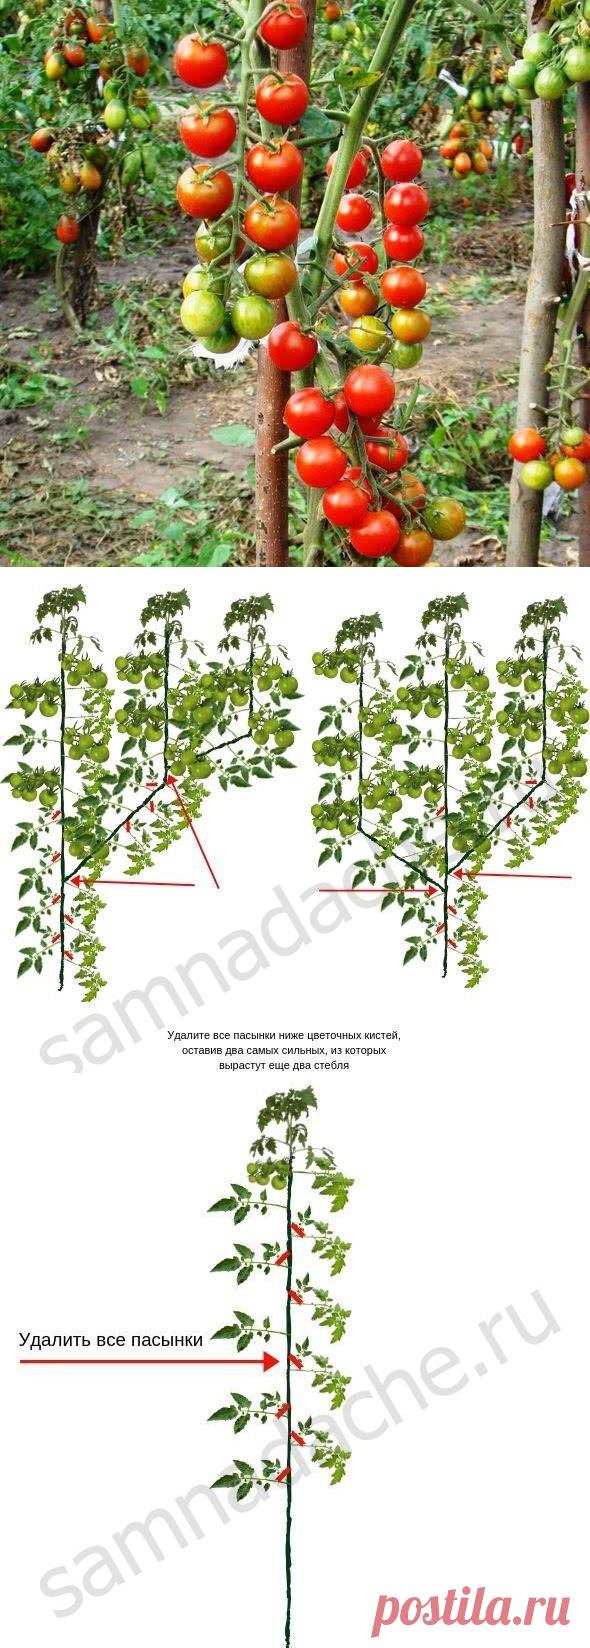 Как правильно разместить помидоры в теплице фото